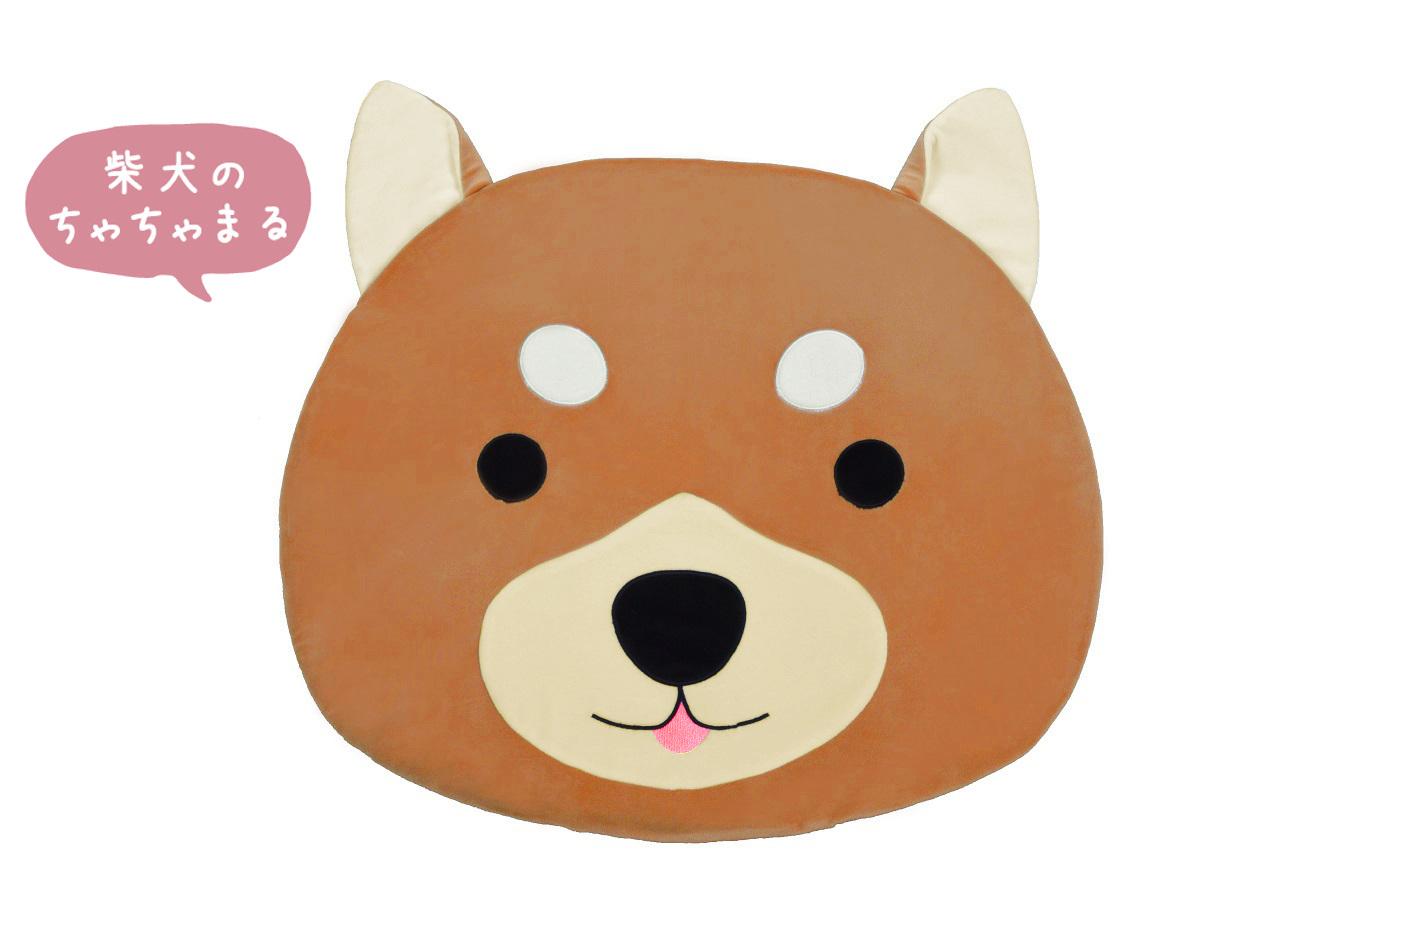 ルームマット(柴犬)【 ほっこりめいとシリーズ 】